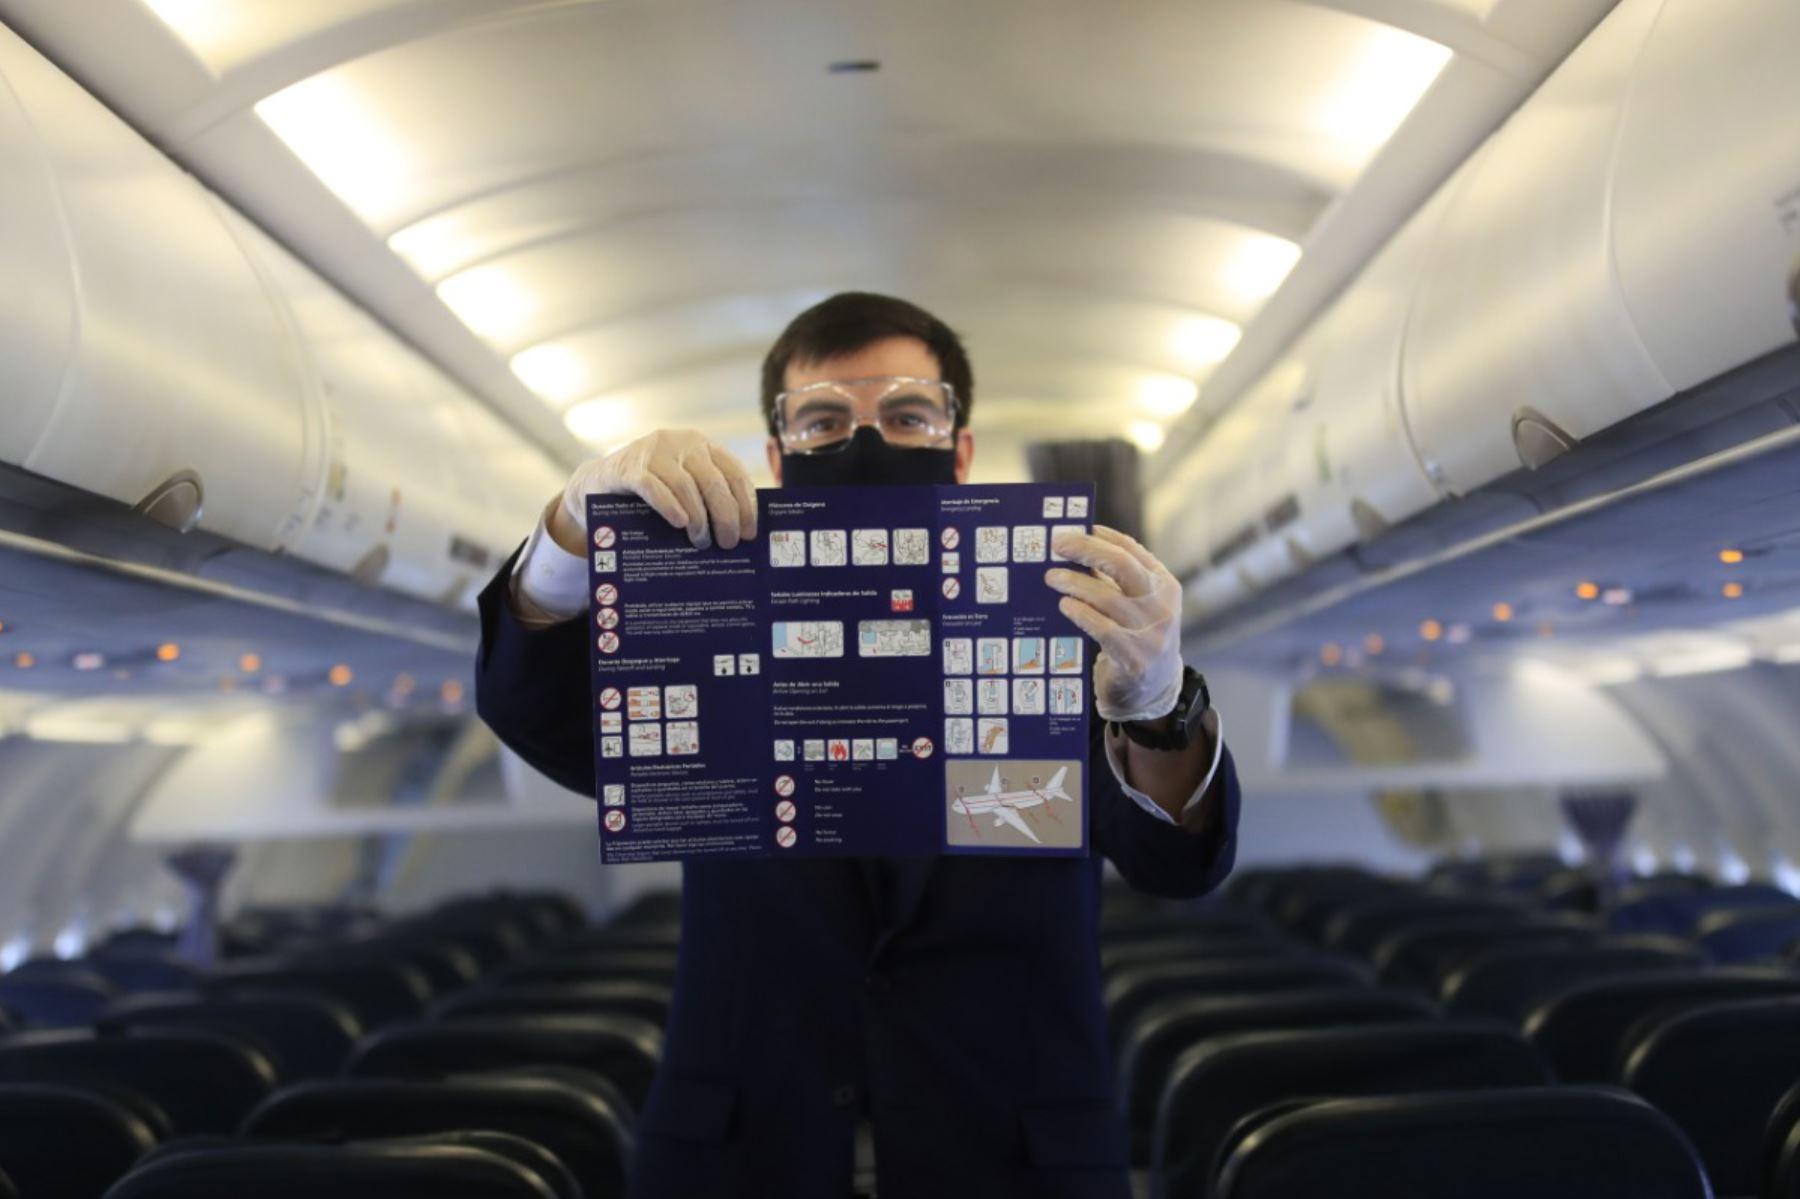 Presentación del protocolo de sanidad que se implementará en el reinicio de los vuelos nacionales, una vez que las autoridades aprueben la reanudación de los vuelos que fueron suspendidos por el Estado de Emergencia para evitar la propagación de la covid-19.  Foto: ANDINA/ Juan Carlos Guzmán